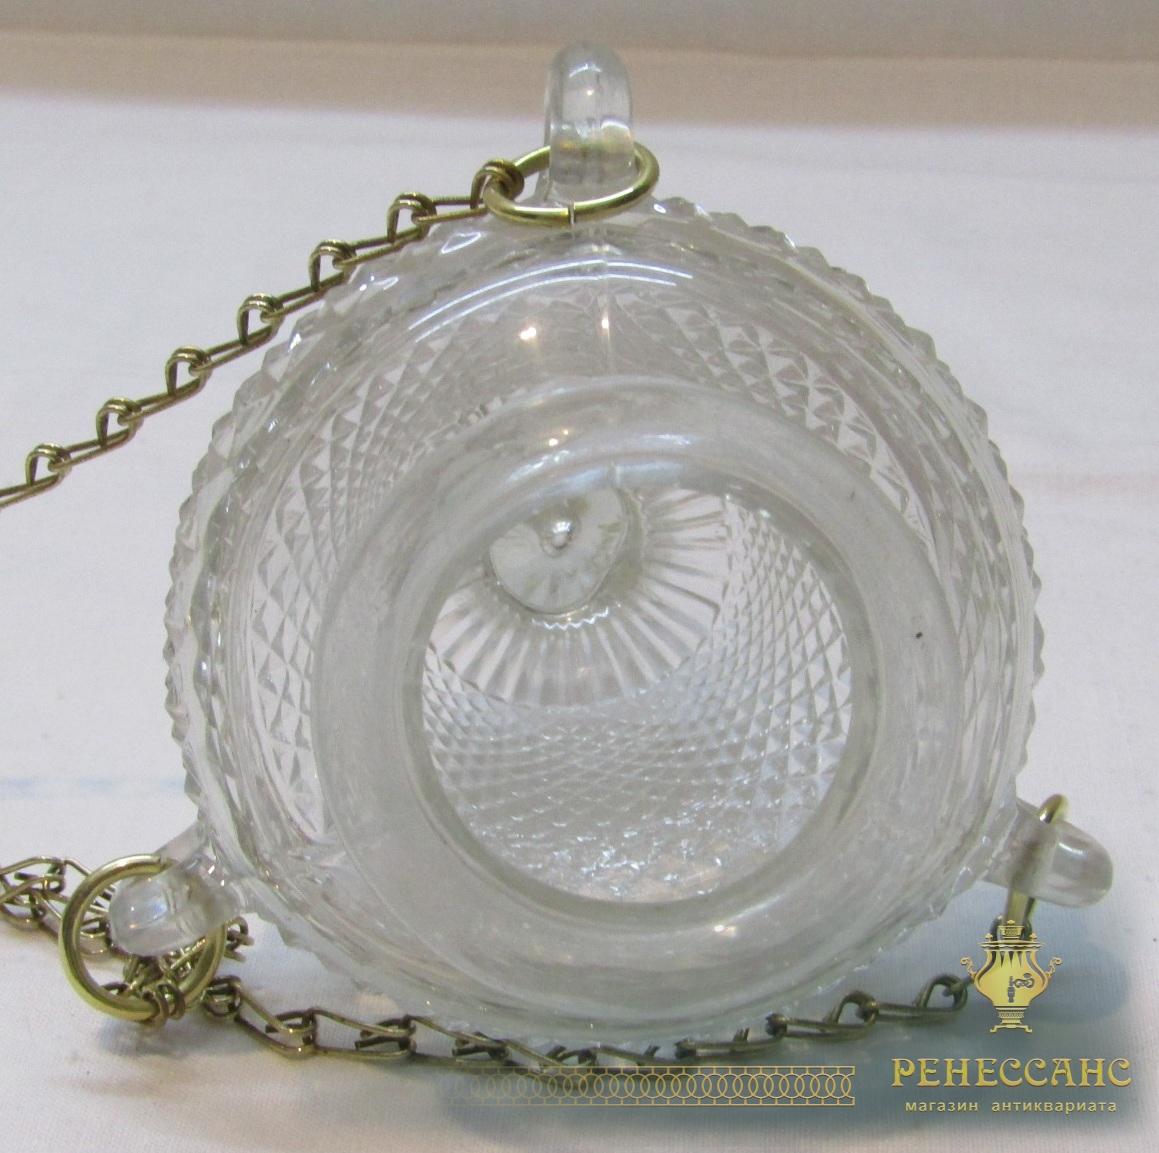 Лампада, лампадка старинная на цепях №4142